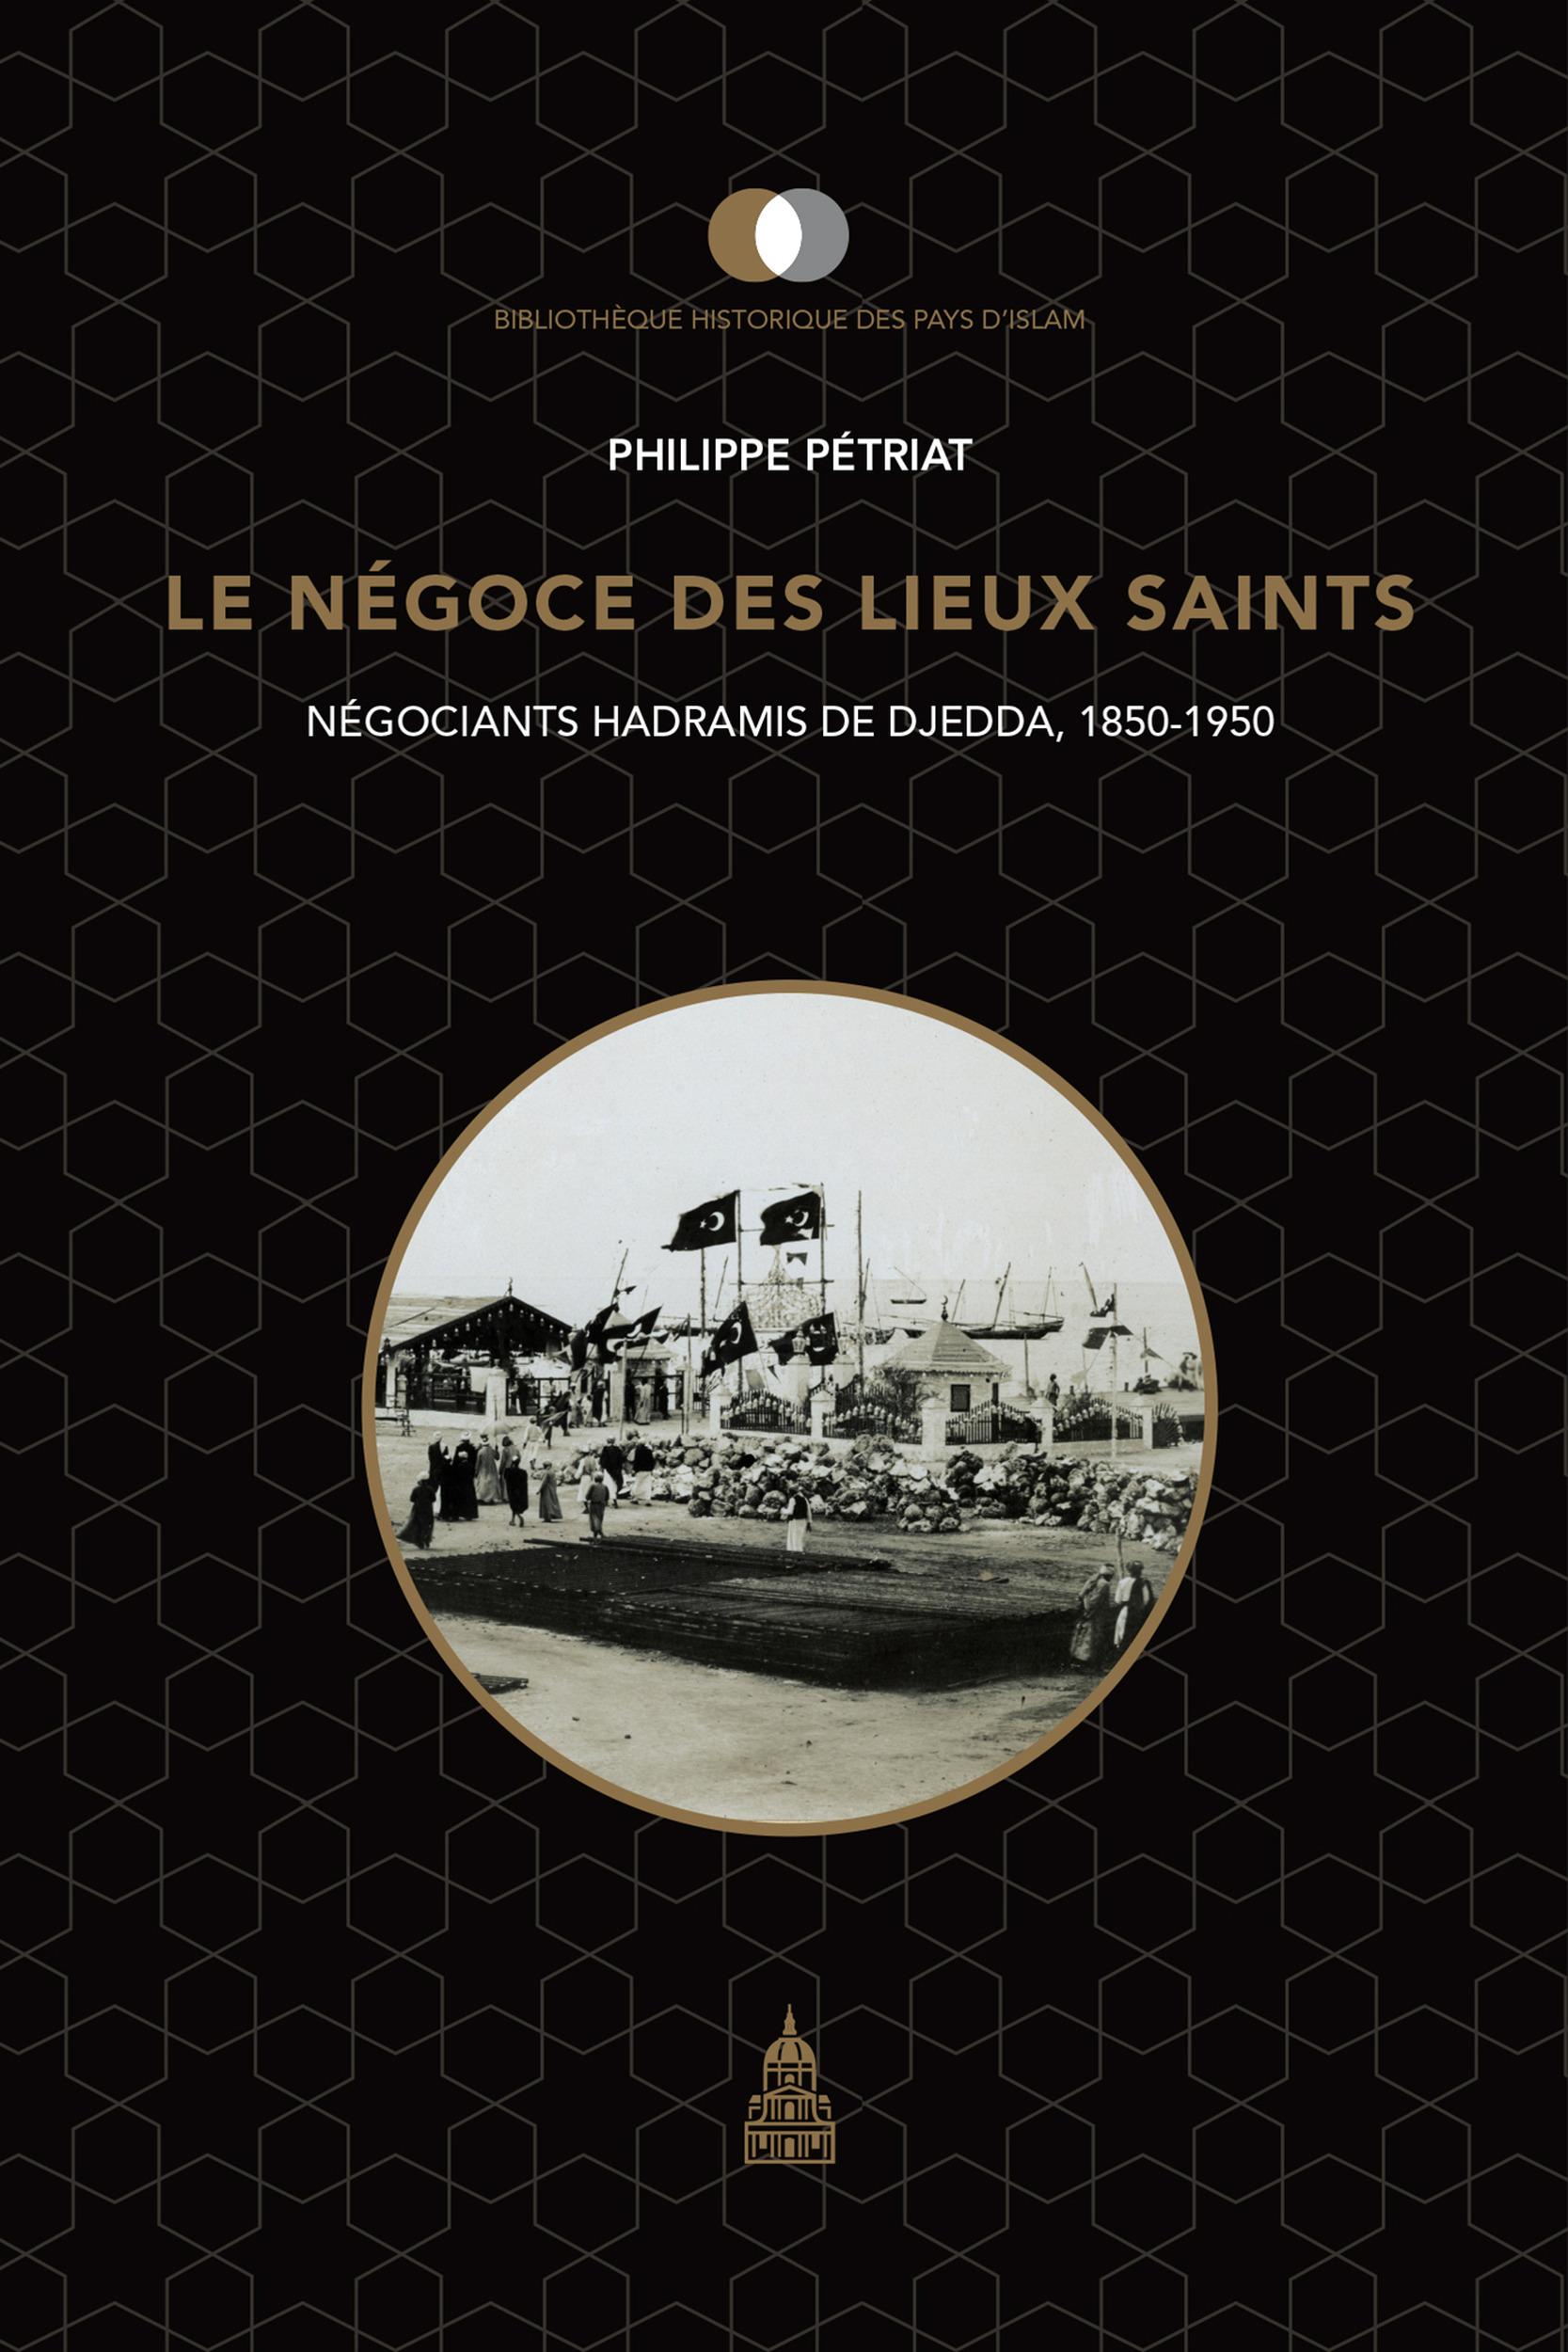 Le negoce des lieux saints - negociants hadramis de djedda, 1850-1950